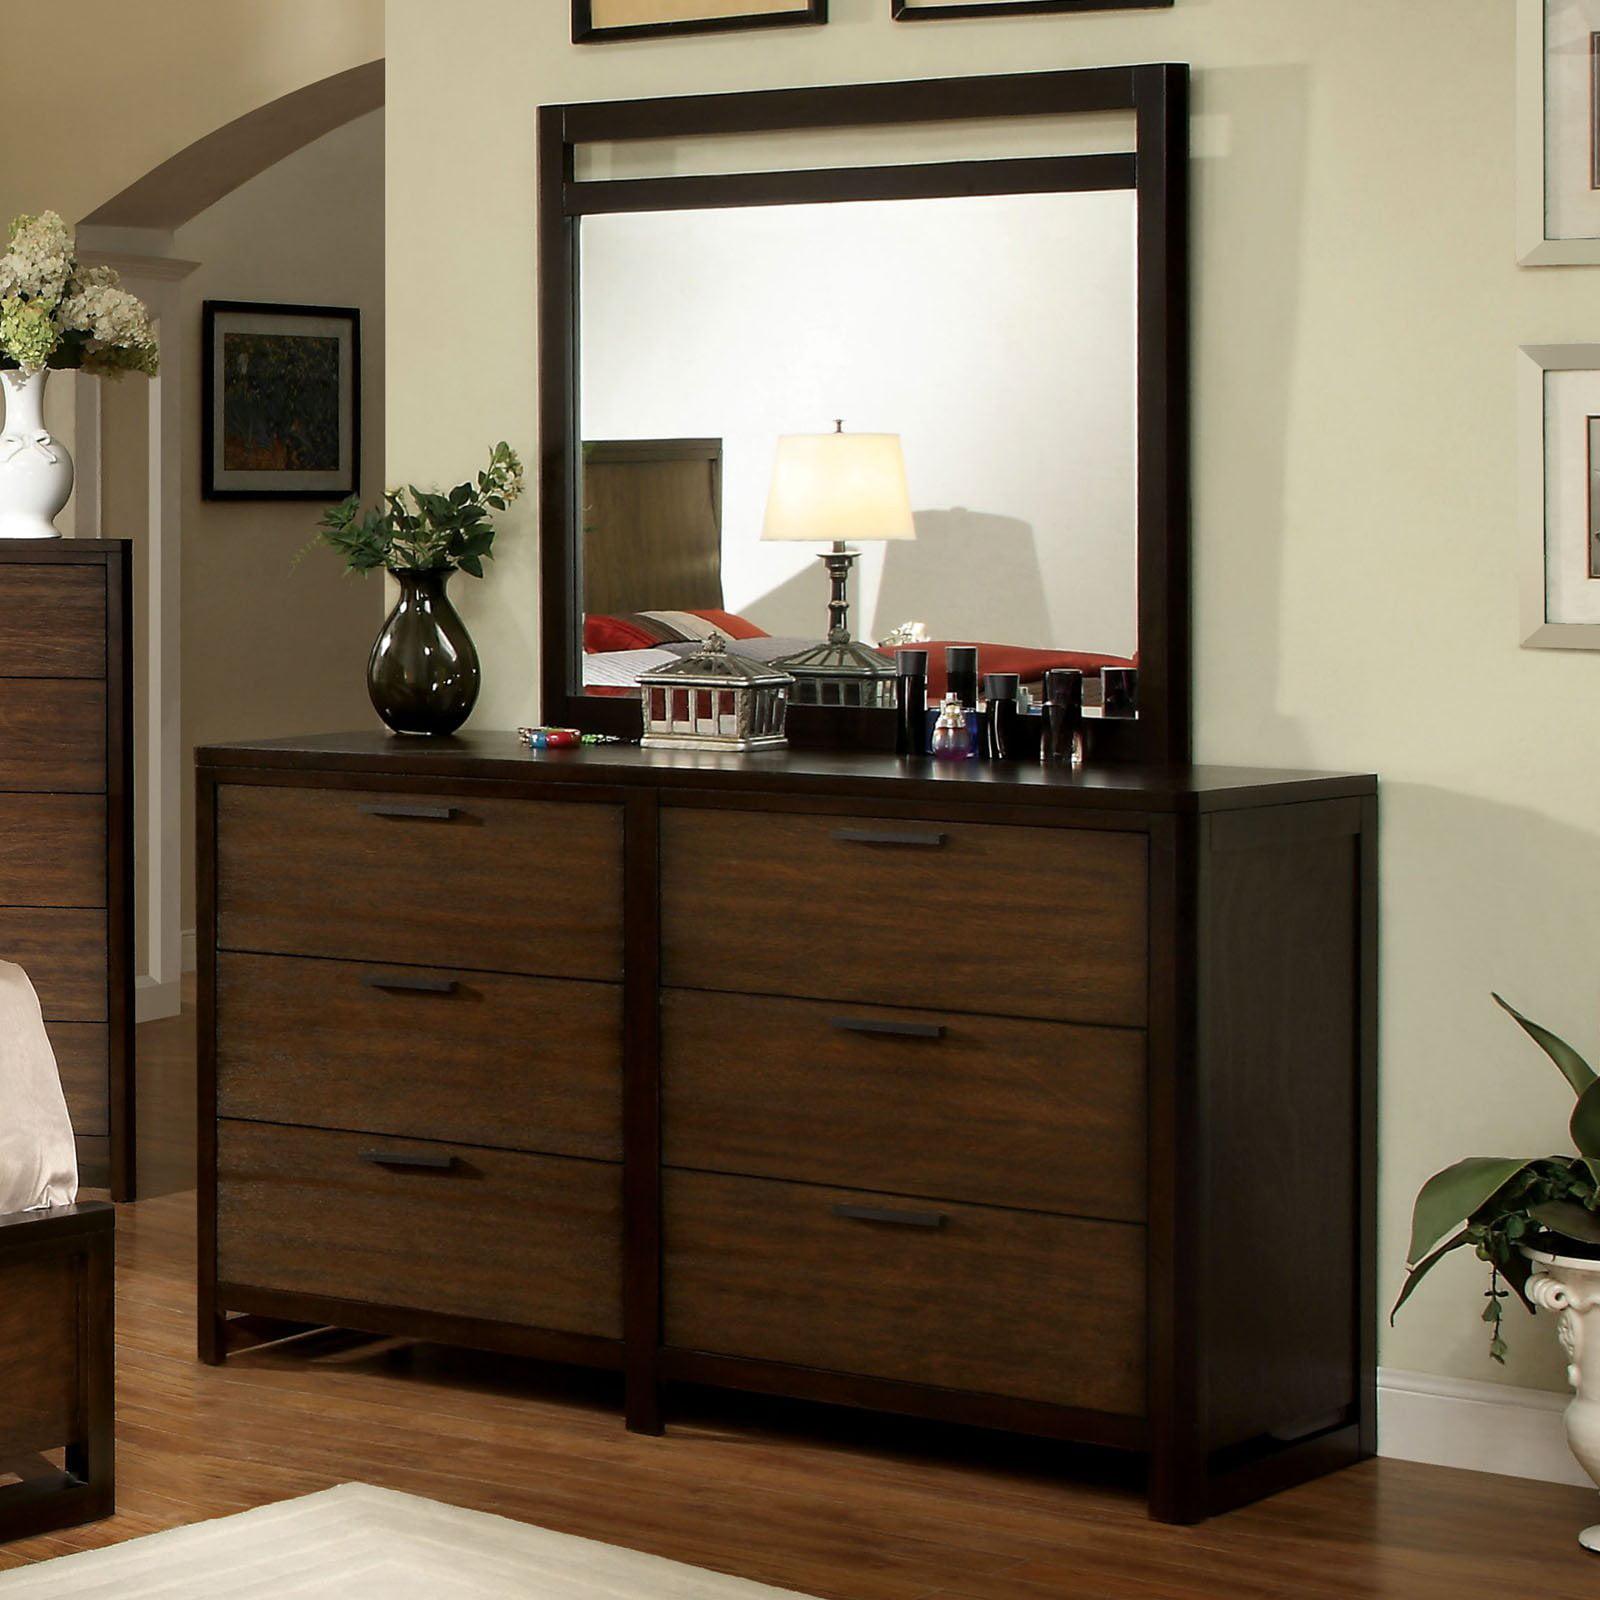 Furniture of America Sophie 6 Drawer Dresser